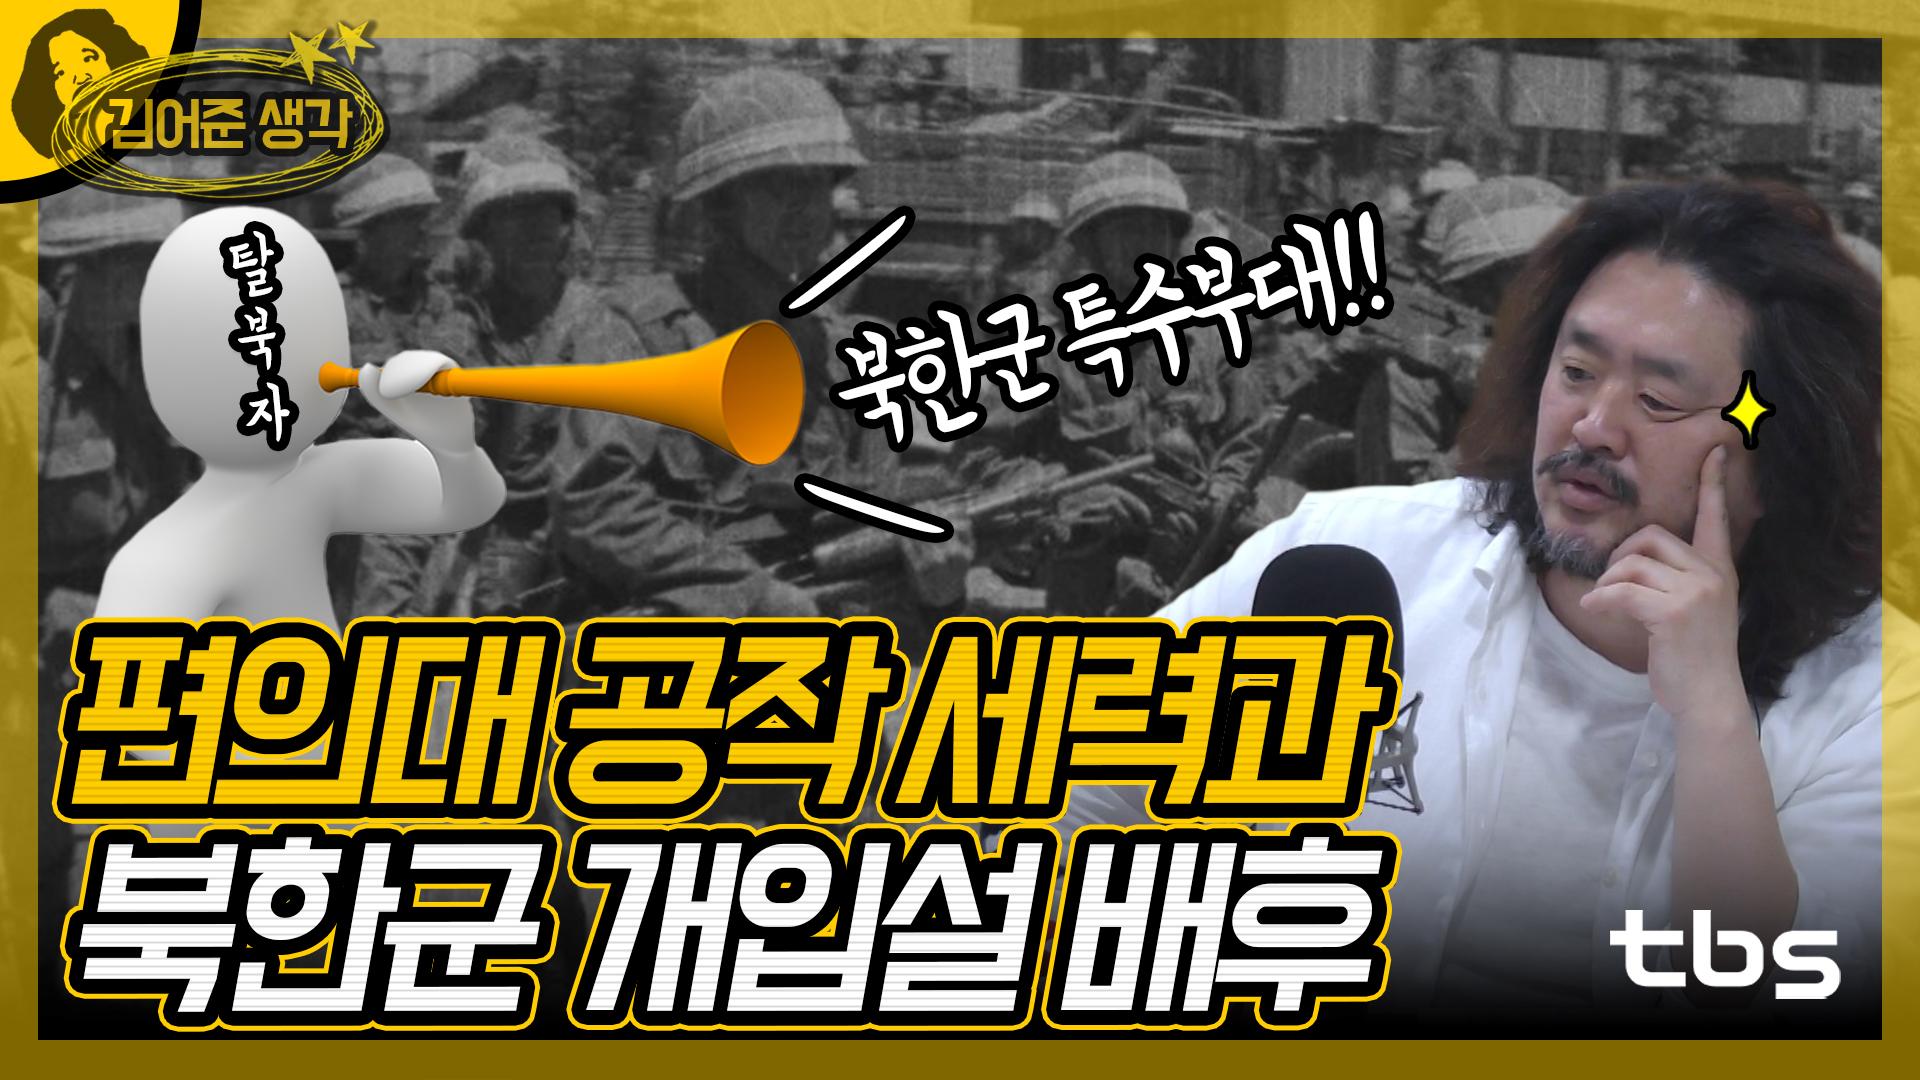 편의대 공작 세력과 북한군 개입설 배후 [김어준 생각 / 김어준 뉴스공장]